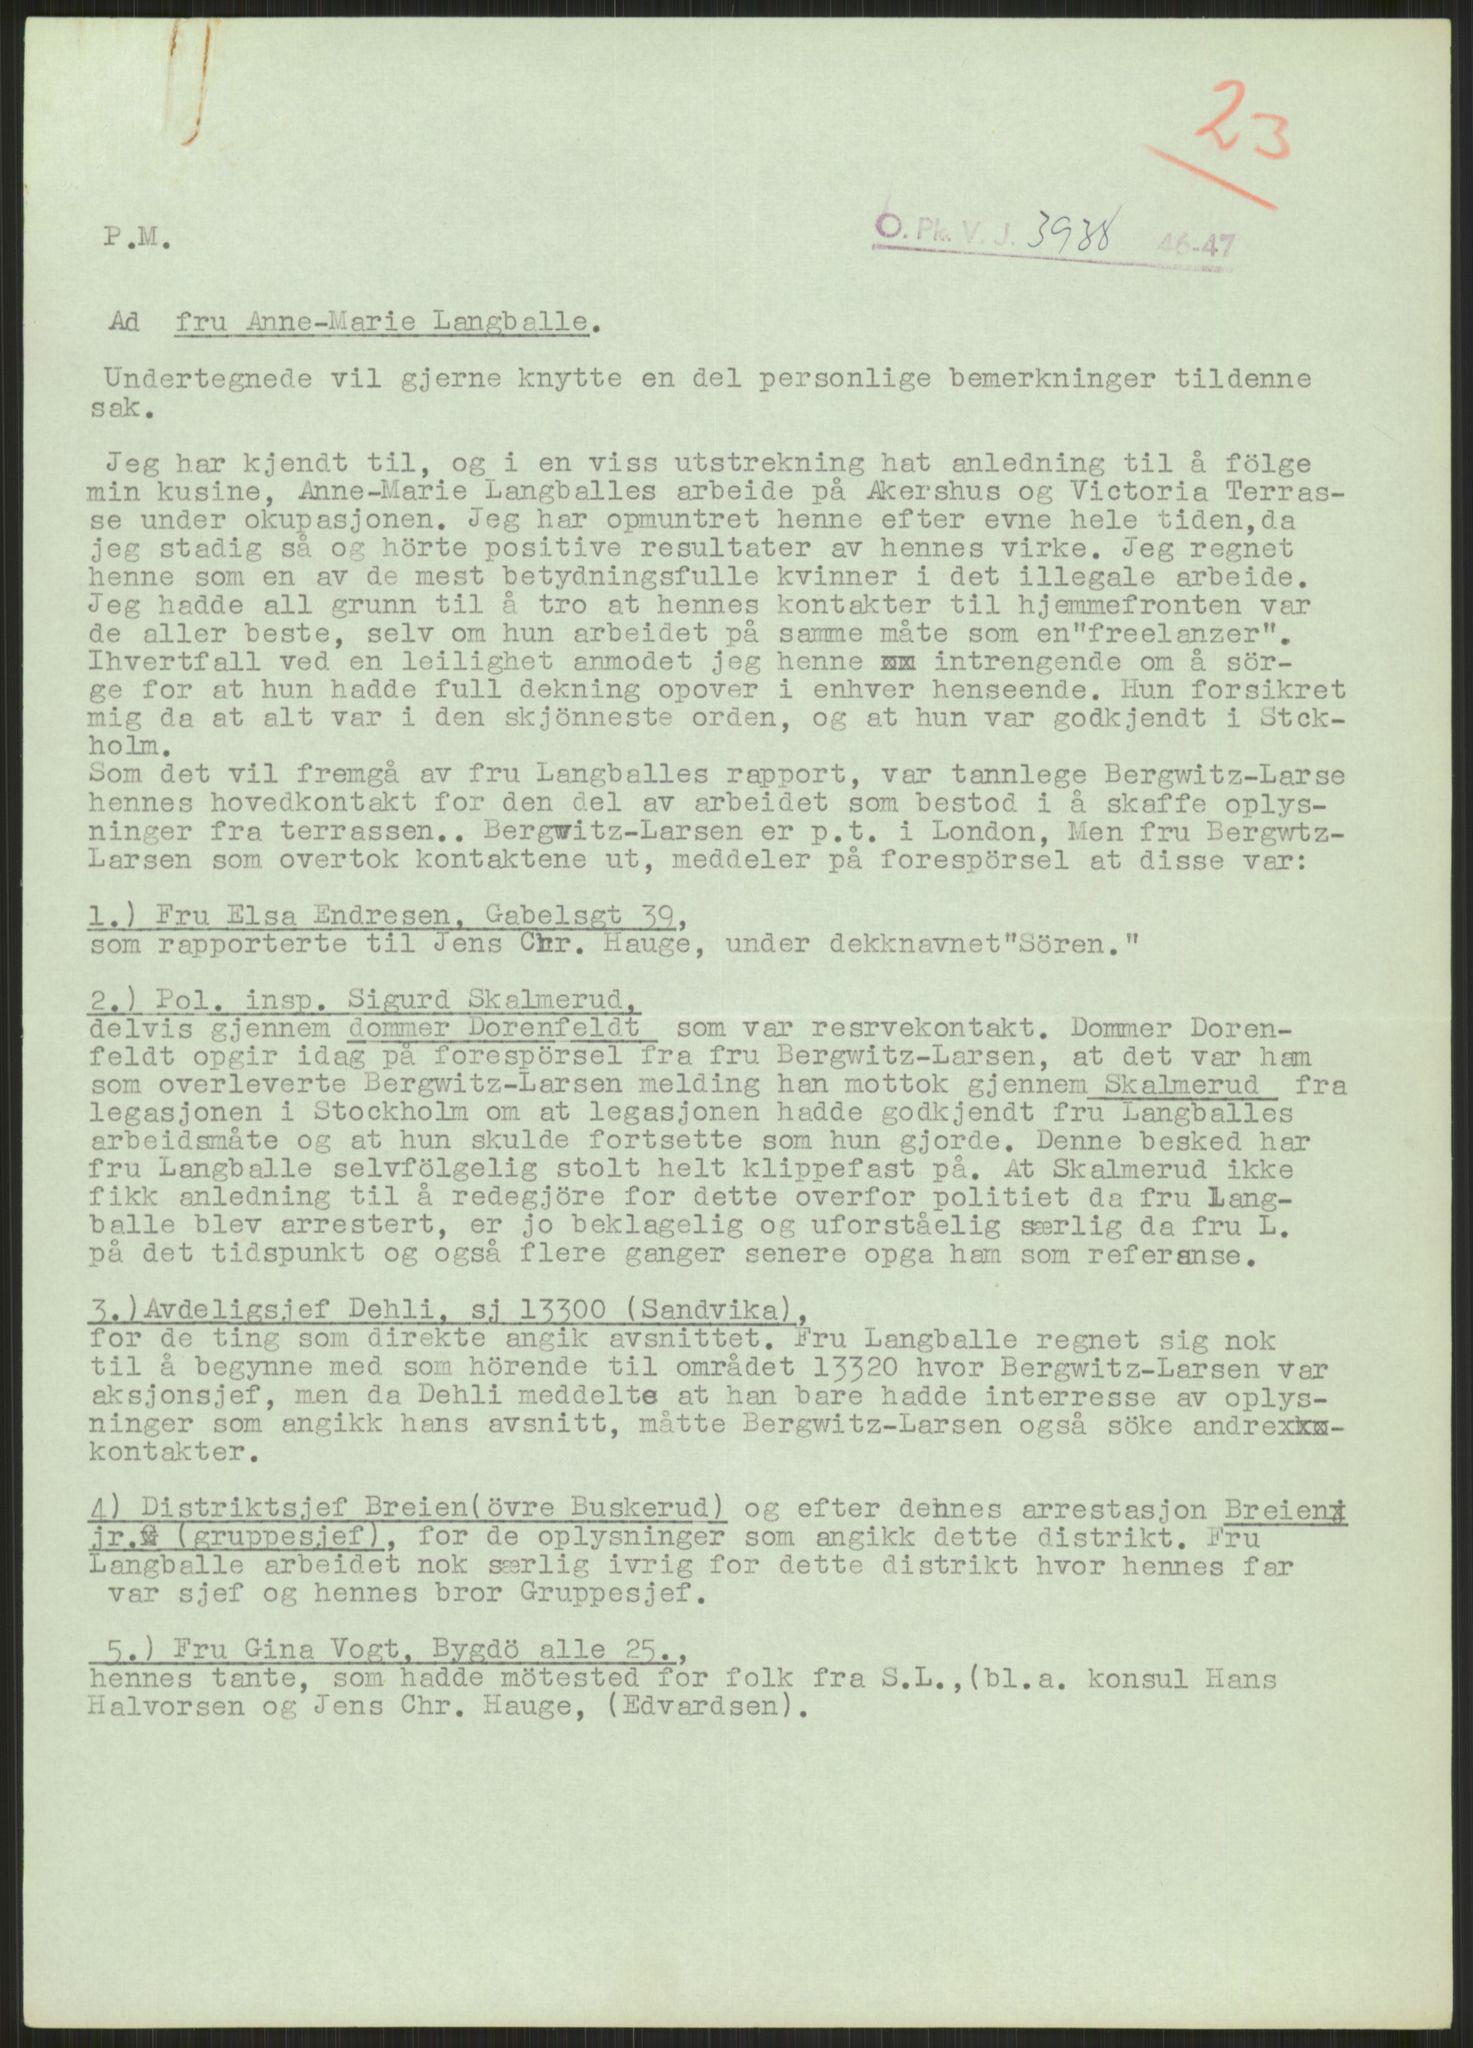 RA, Landssvikarkivet, Oslo politikammer, D/Dg/L0267: Henlagt hnr. 3658, 1945-1946, s. 280